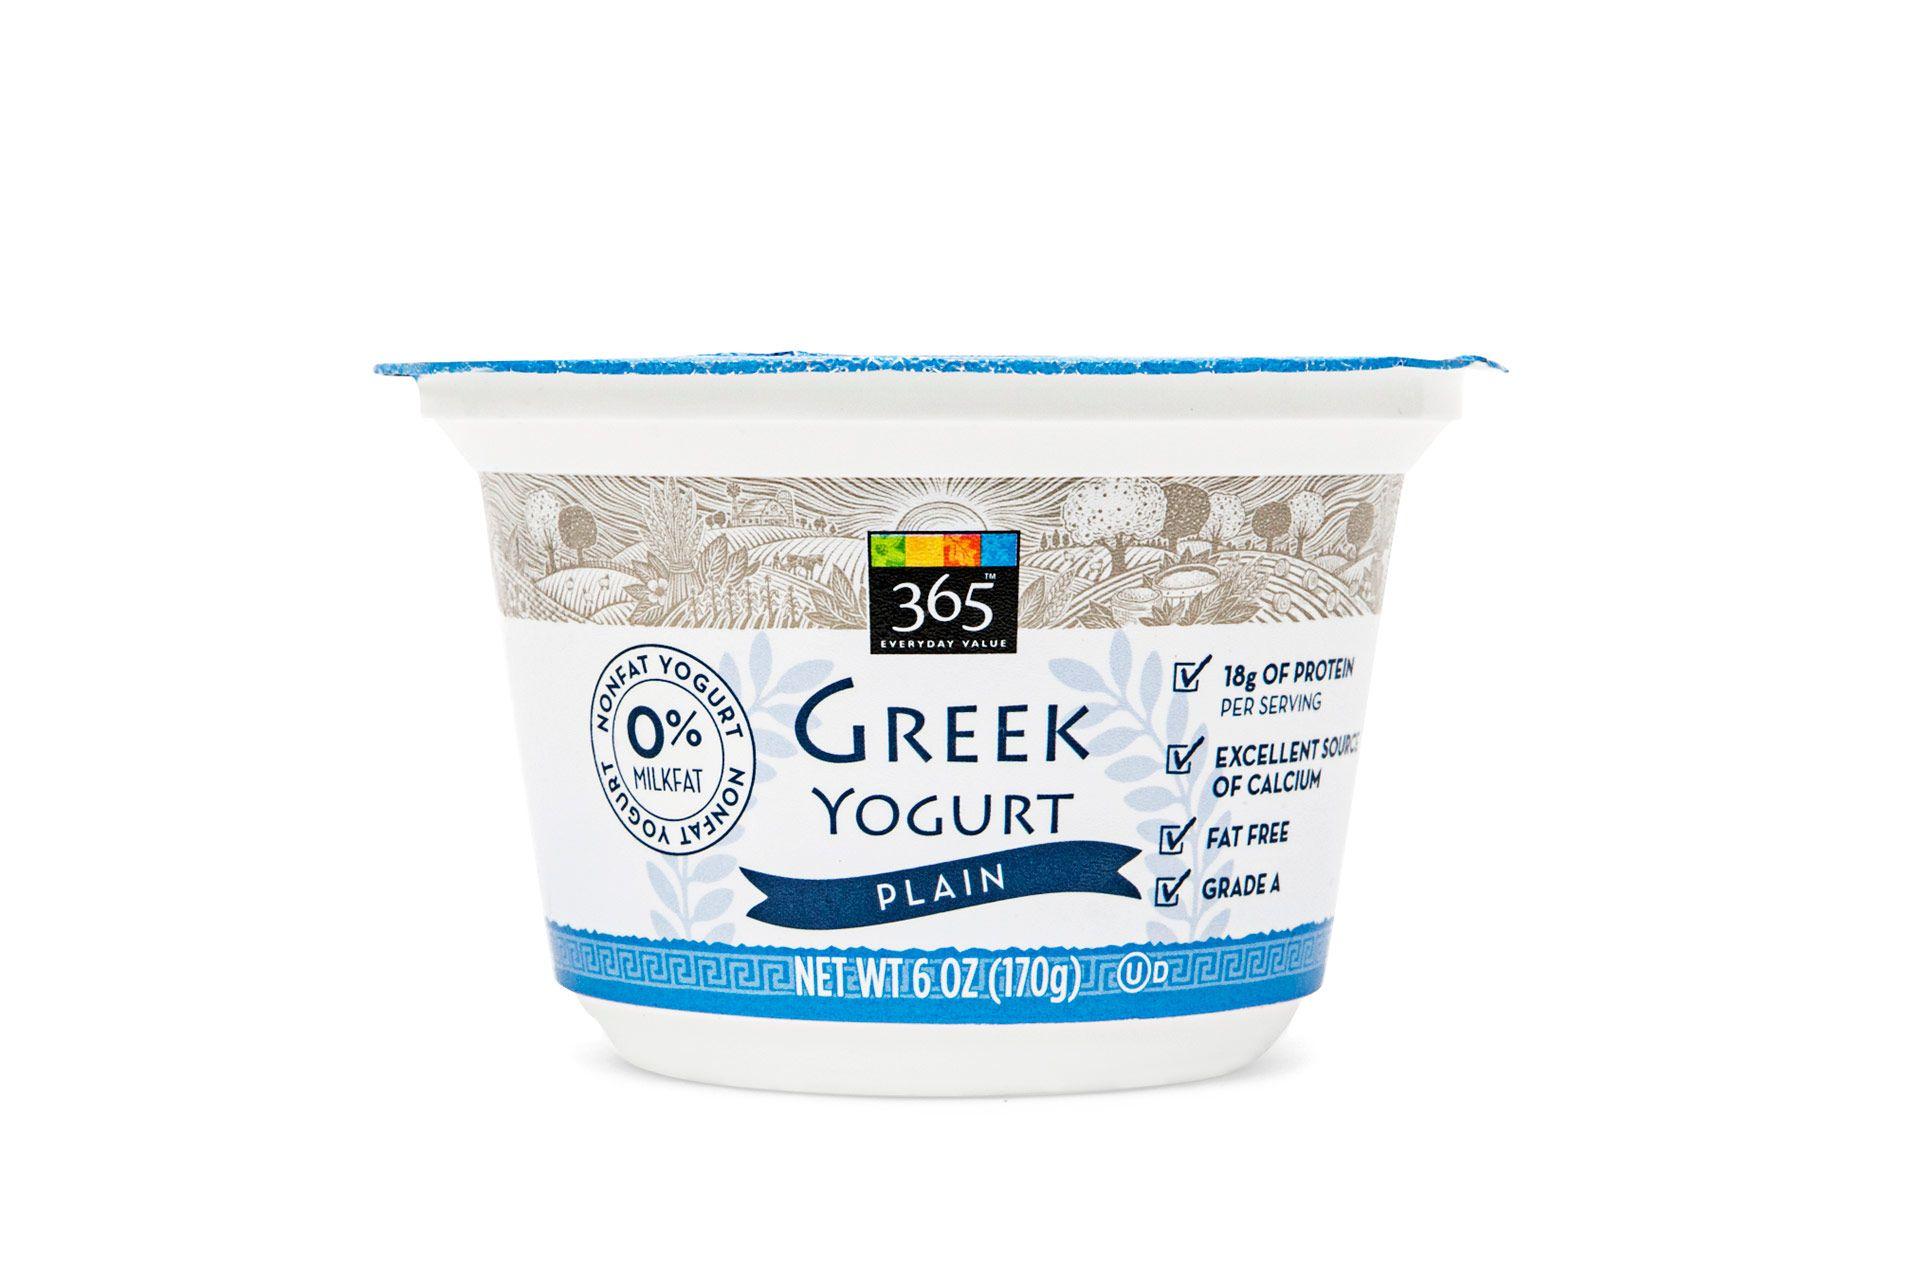 Whole Foods 365 Greek Yogurt - How Much Calcium Is in 365 Greek Yogurt